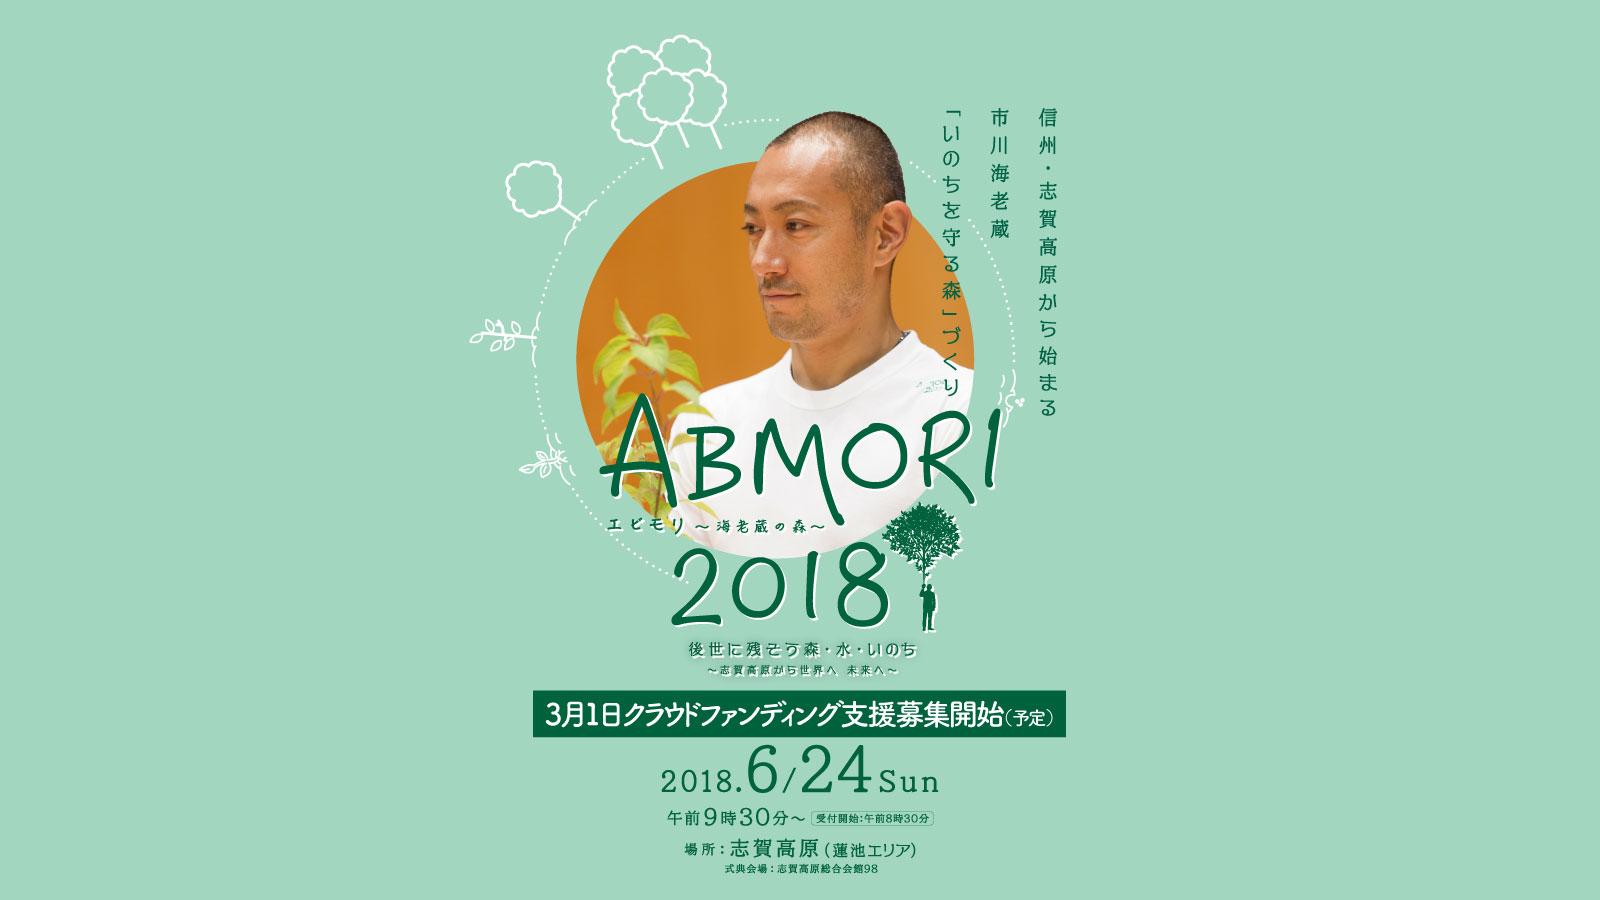 Abmori2018 d